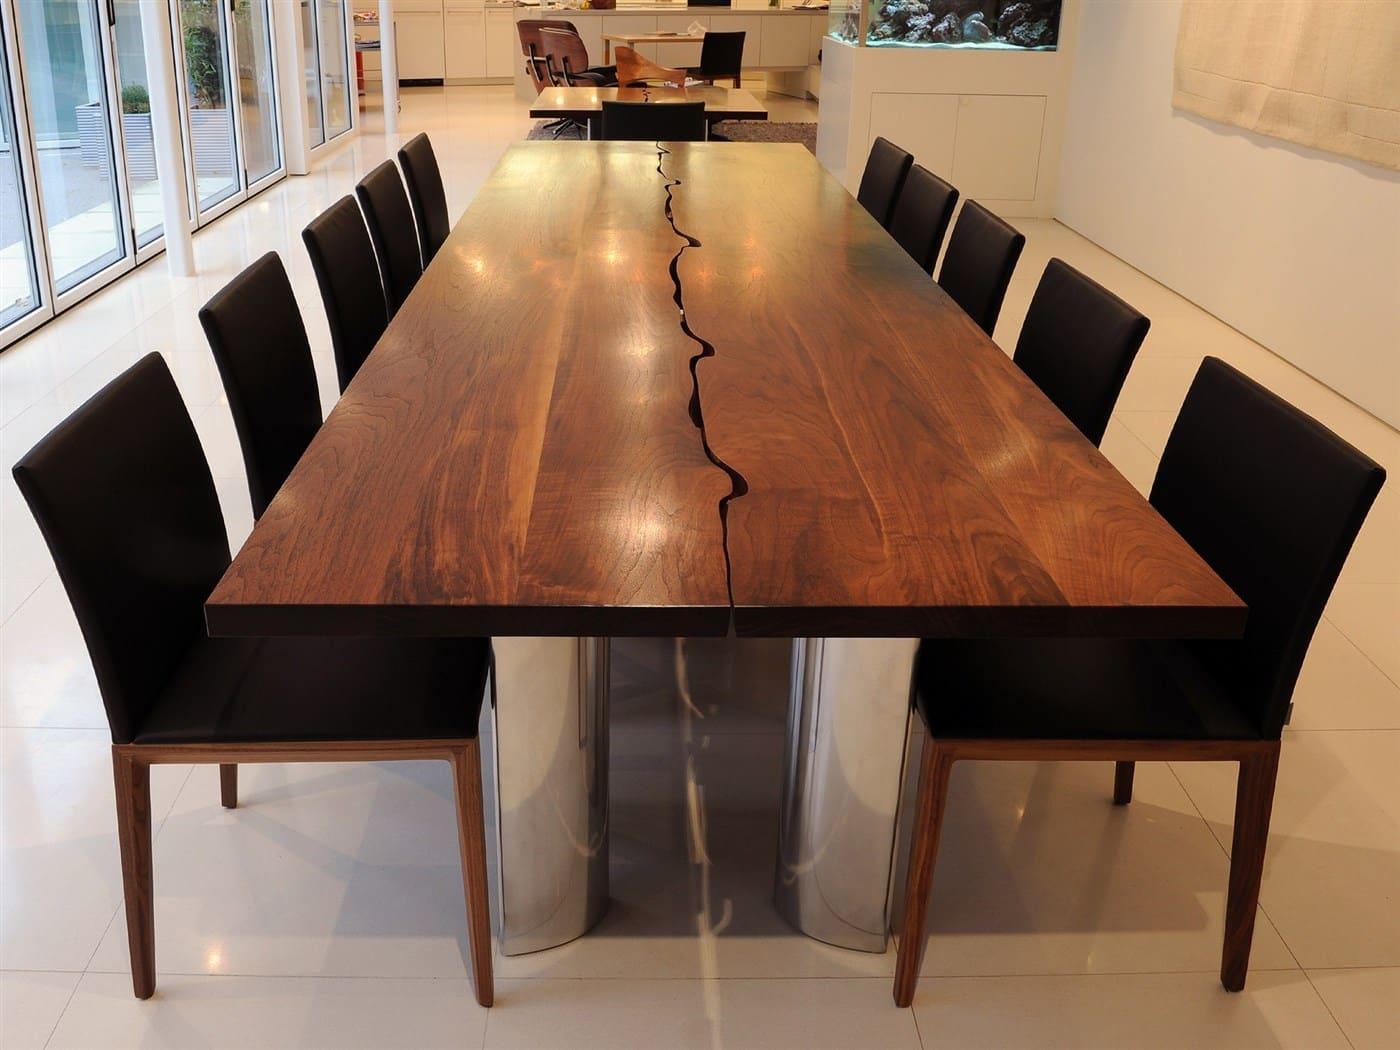 Mesa de jantar rachada ao meio